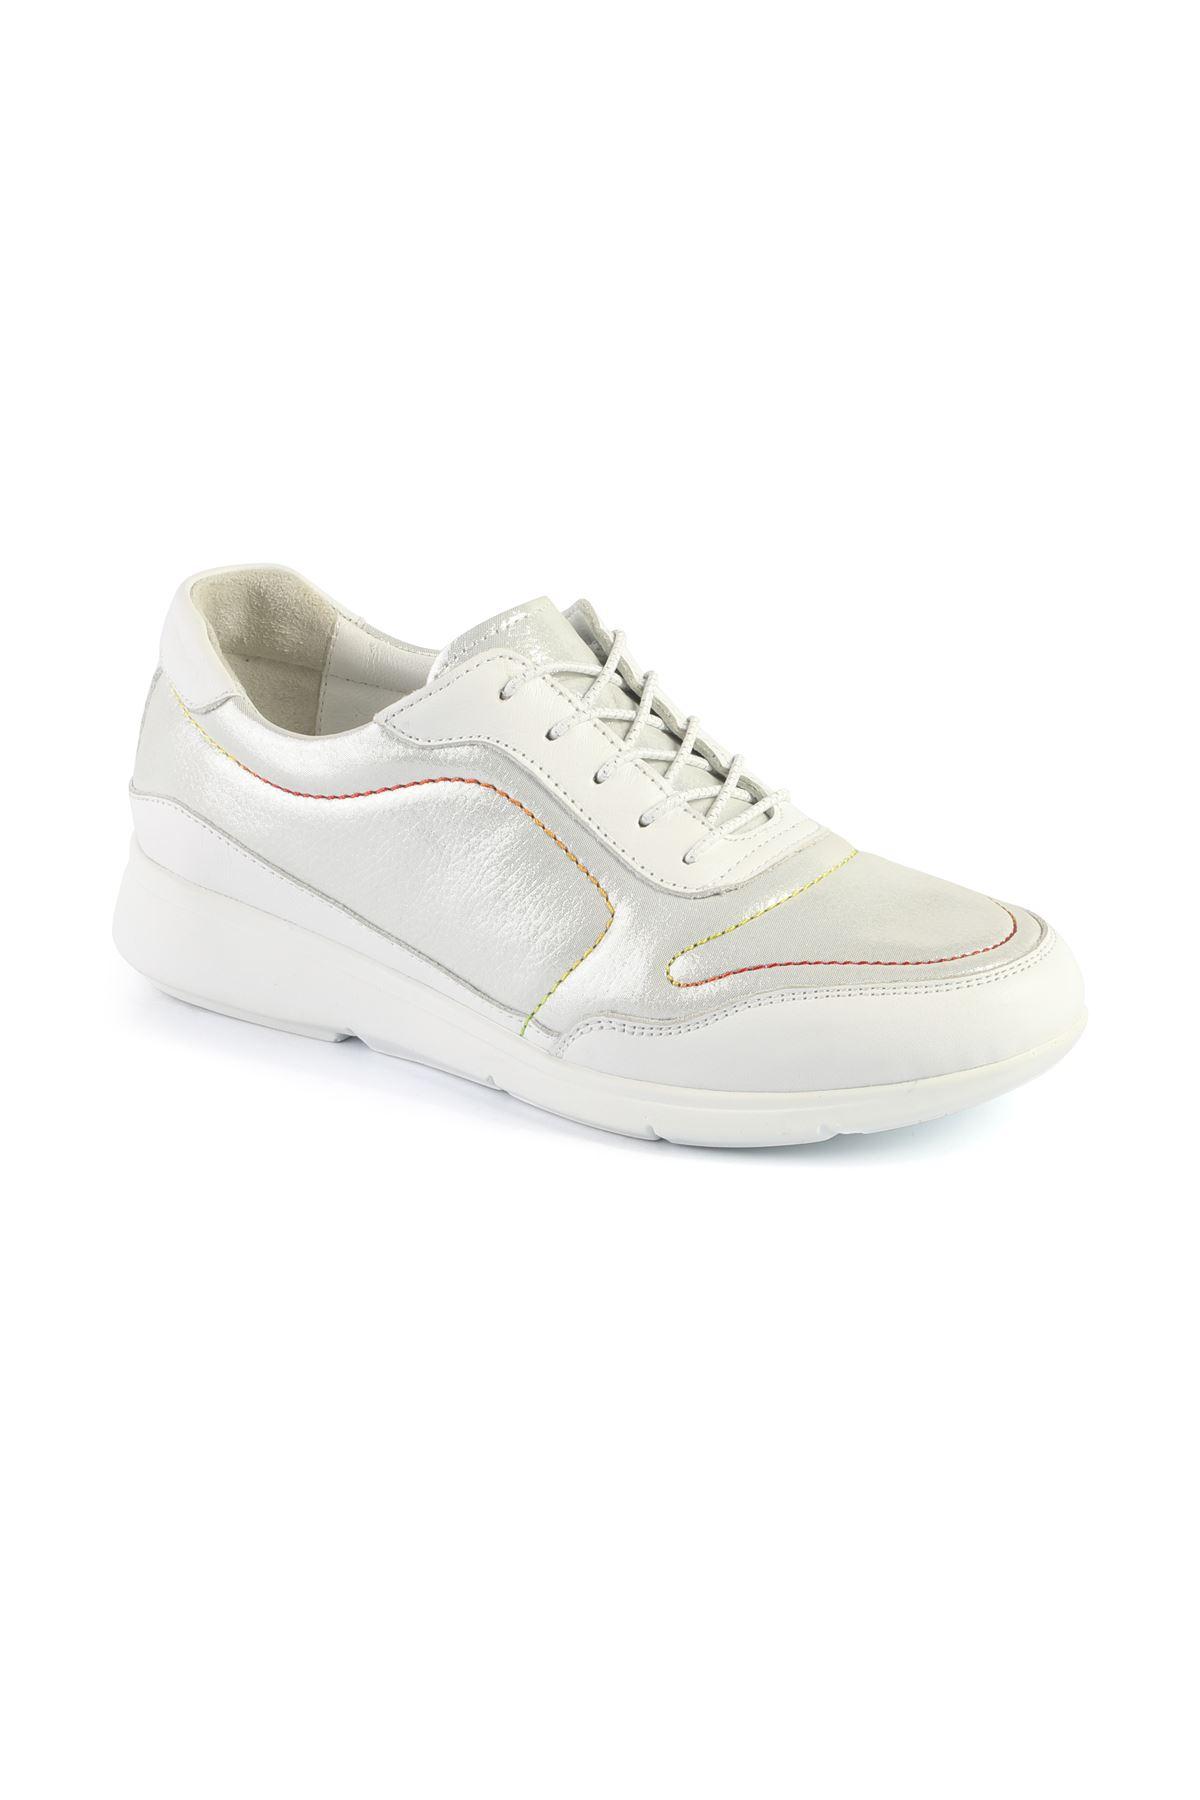 Libero AE0082 Beyaz Spor Ayakkabı